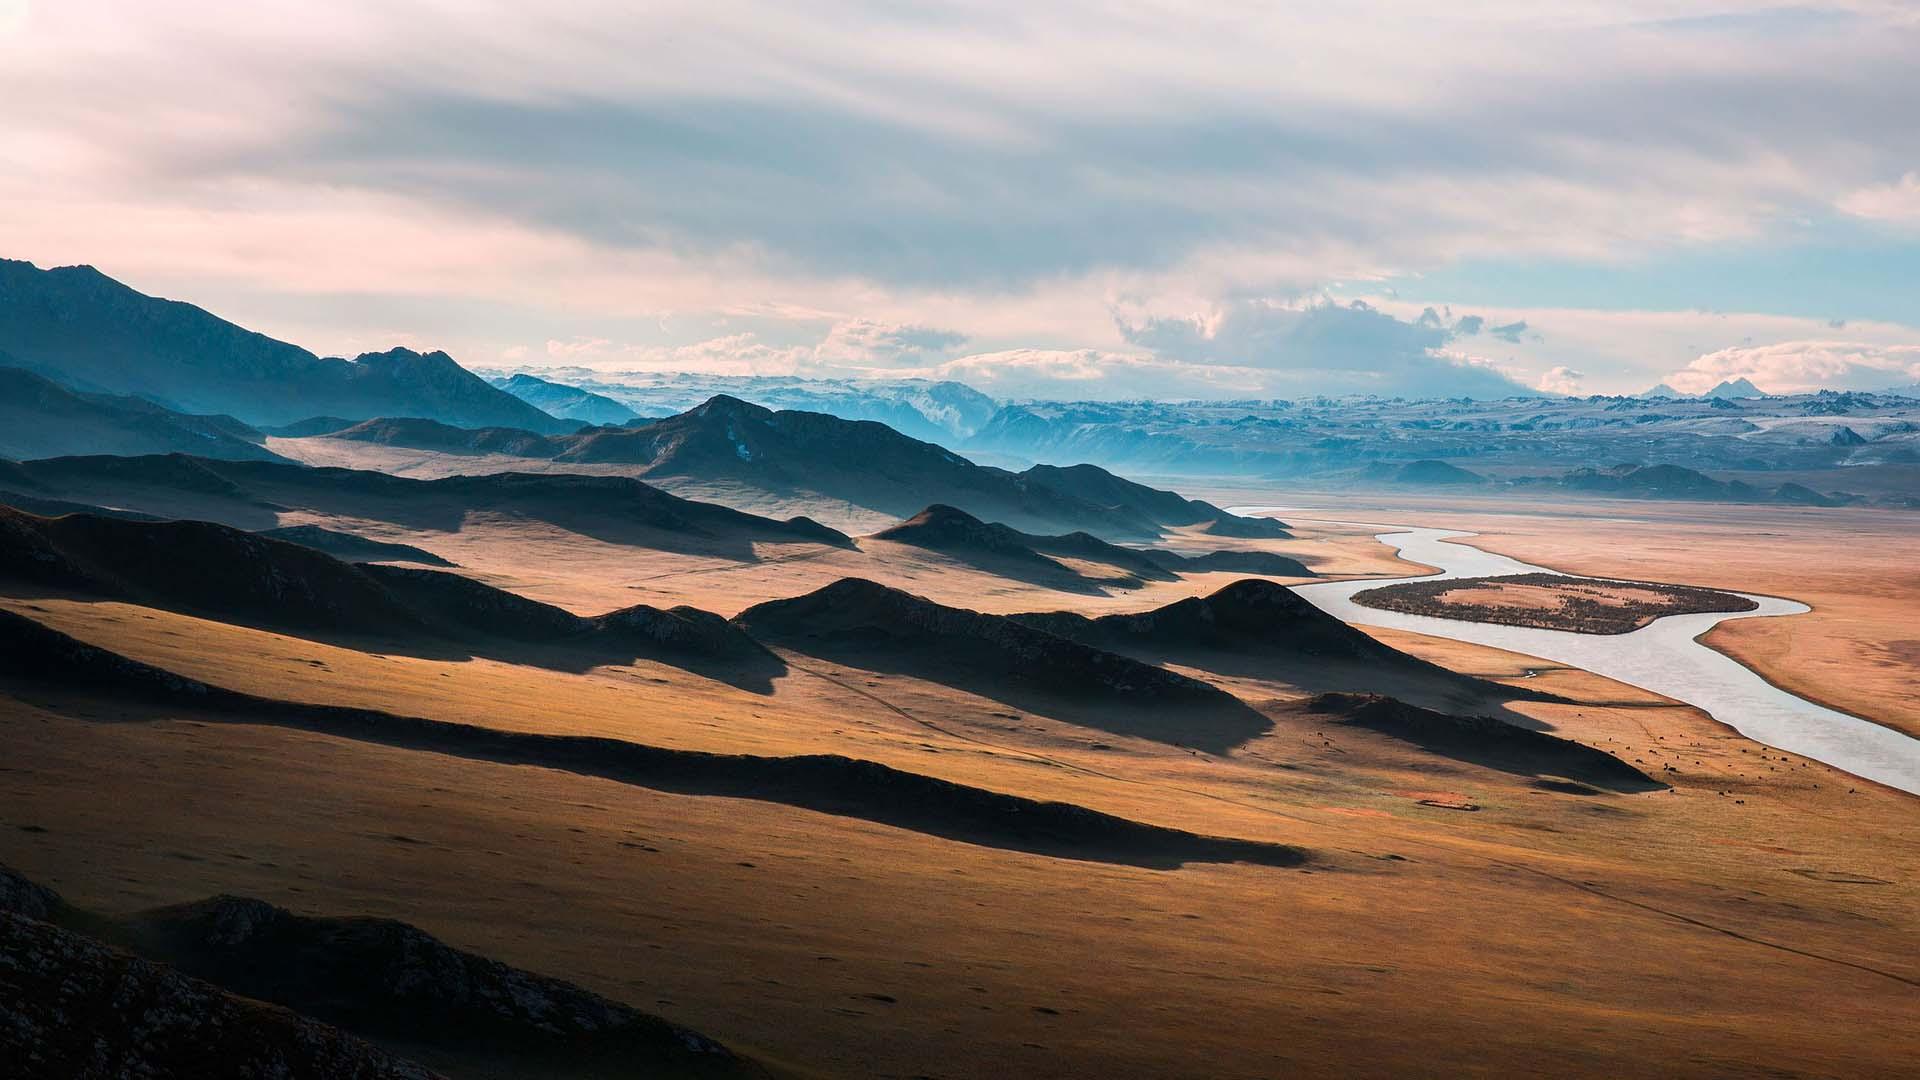 galerie/landscape/meadow.jpg